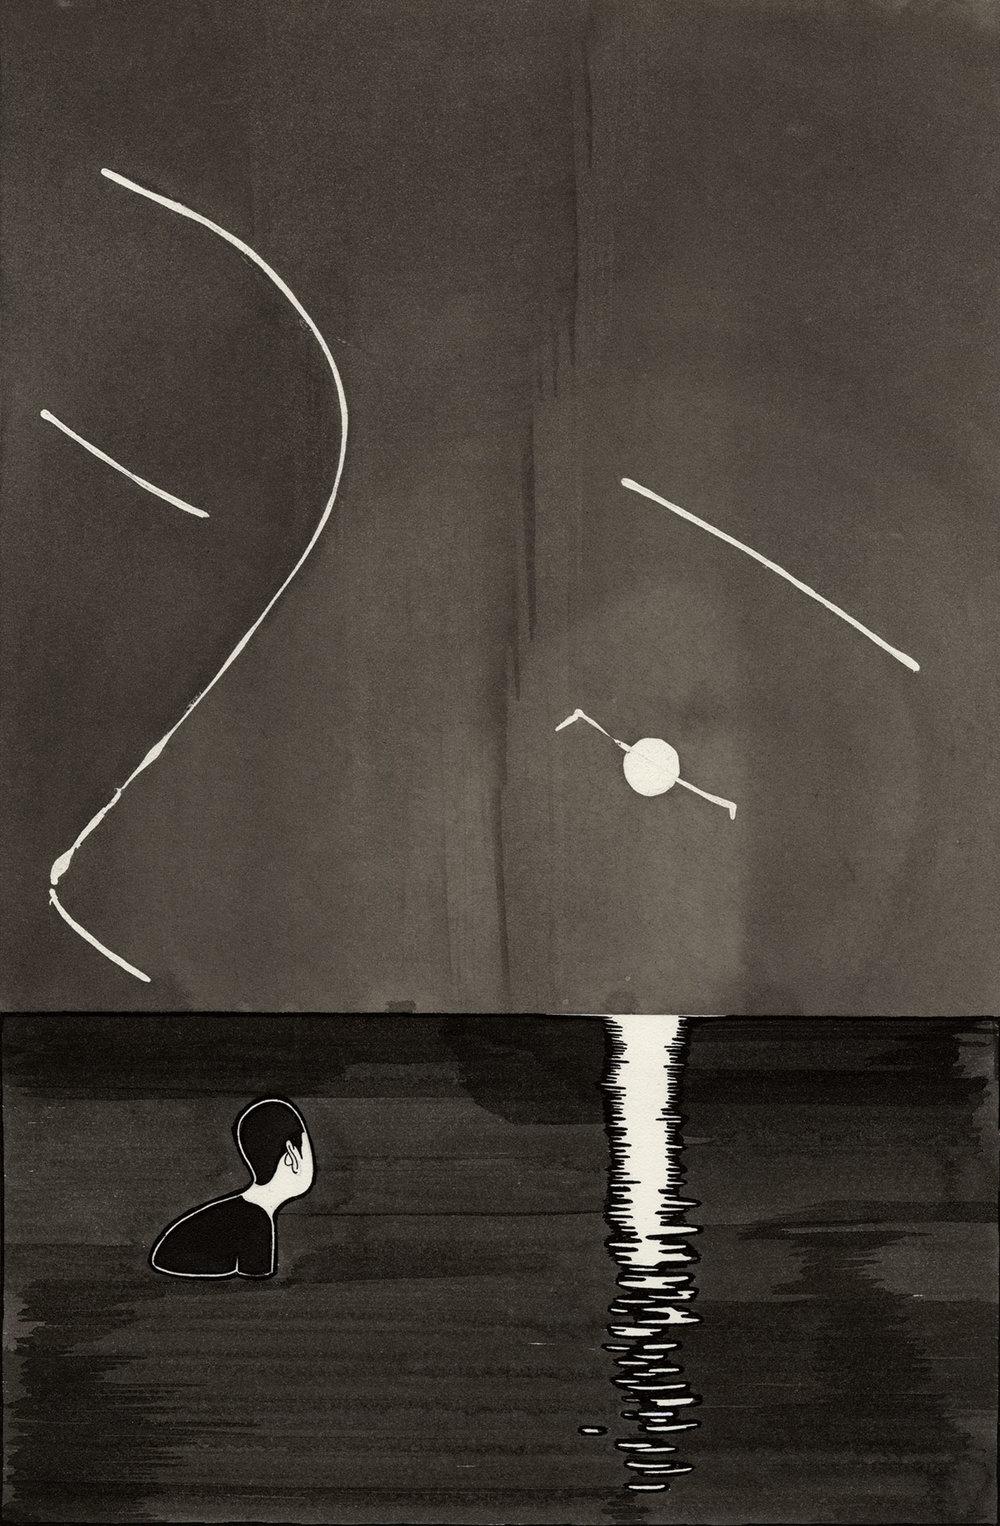 나의 달 I  /  Awaken I   Op.0097CS-1 -19.5 x 29.5 cm,종이에 잉크 / Ink on paper, 2015